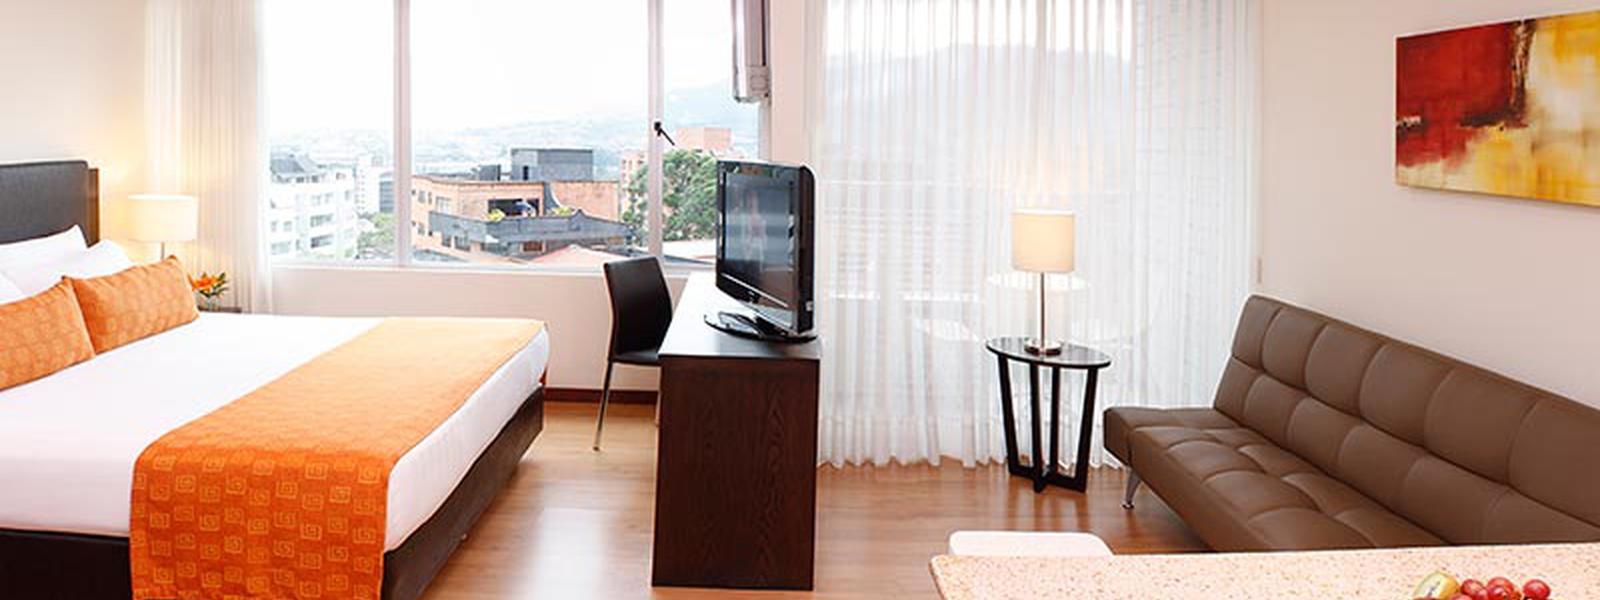 Estelar Medellin Apartments Hotel In Colombia